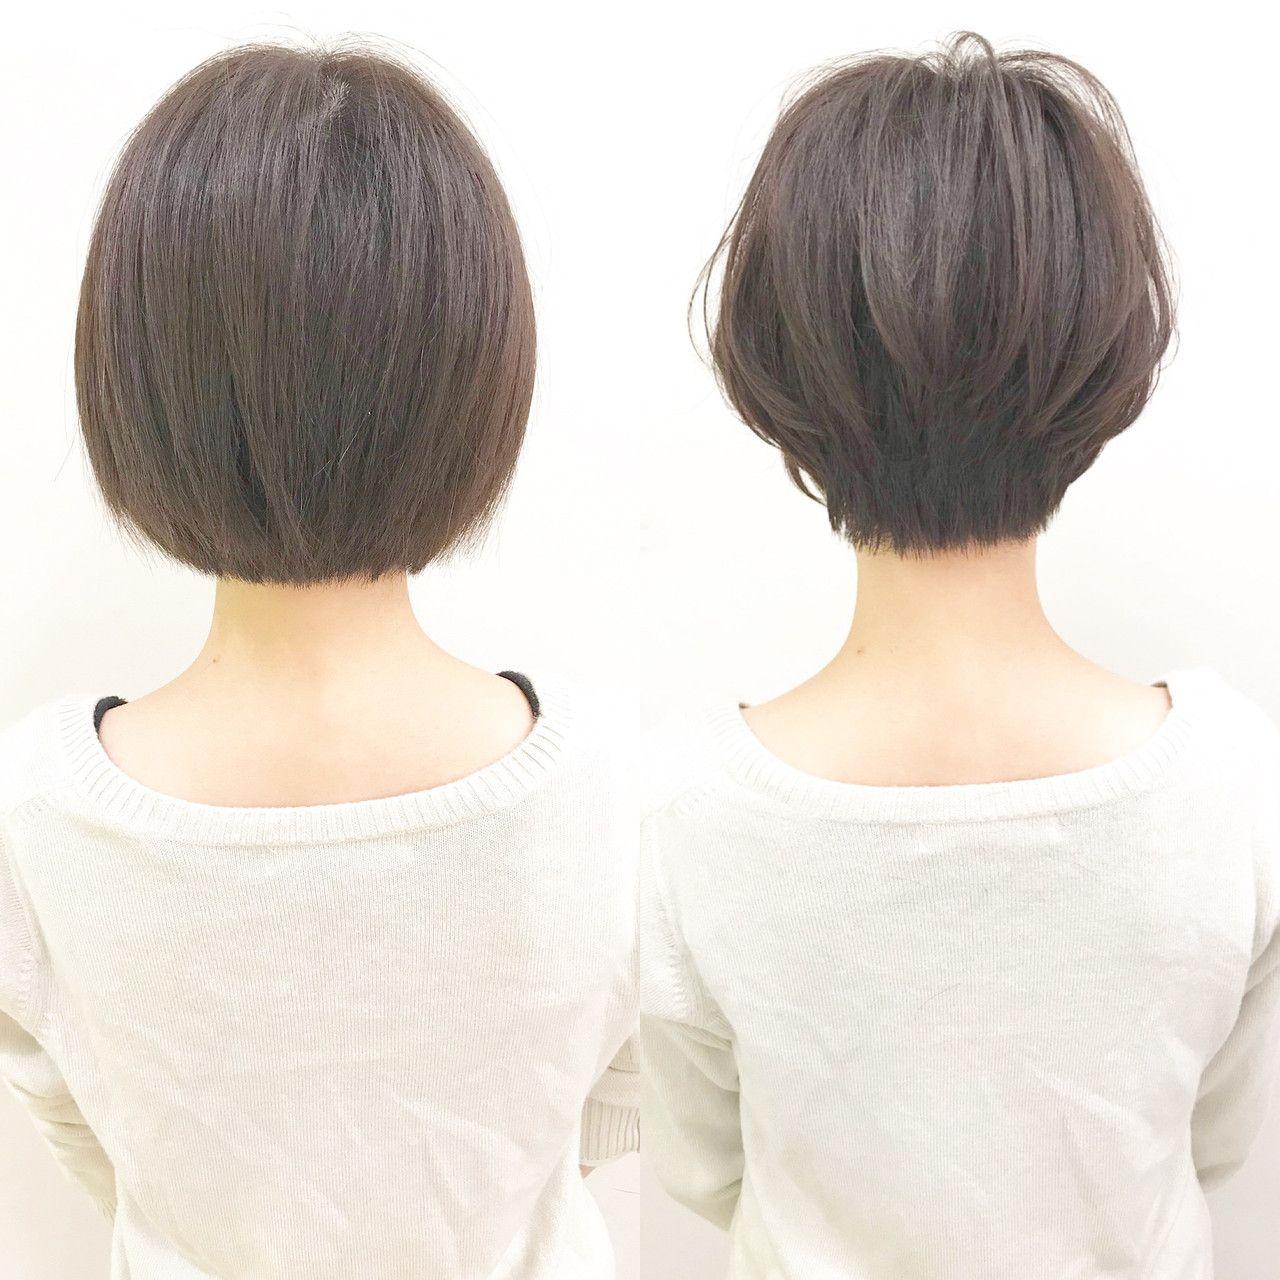 首を細く綺麗に見せる 前下がりショートヘア Before 左 After 右 重たく硬く見えるワンレンボブスタイルを スッキリ女性らしい柔らかいショートヘアにしました 髪質 骨格 直毛多毛で全体的に重 短い髪のためのヘアスタイル